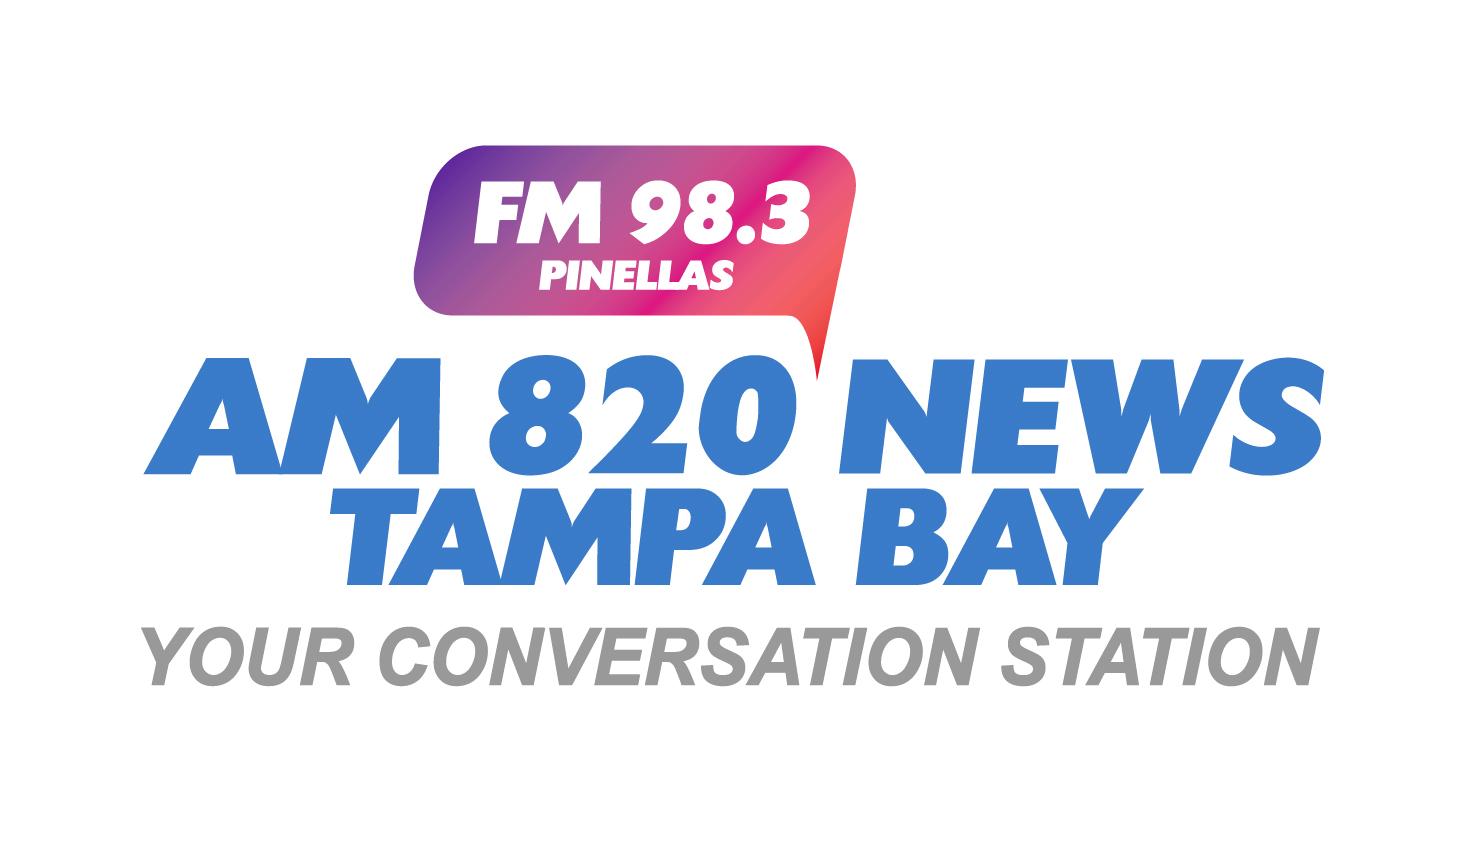 AM820_0007_Logo_FM983.jpg